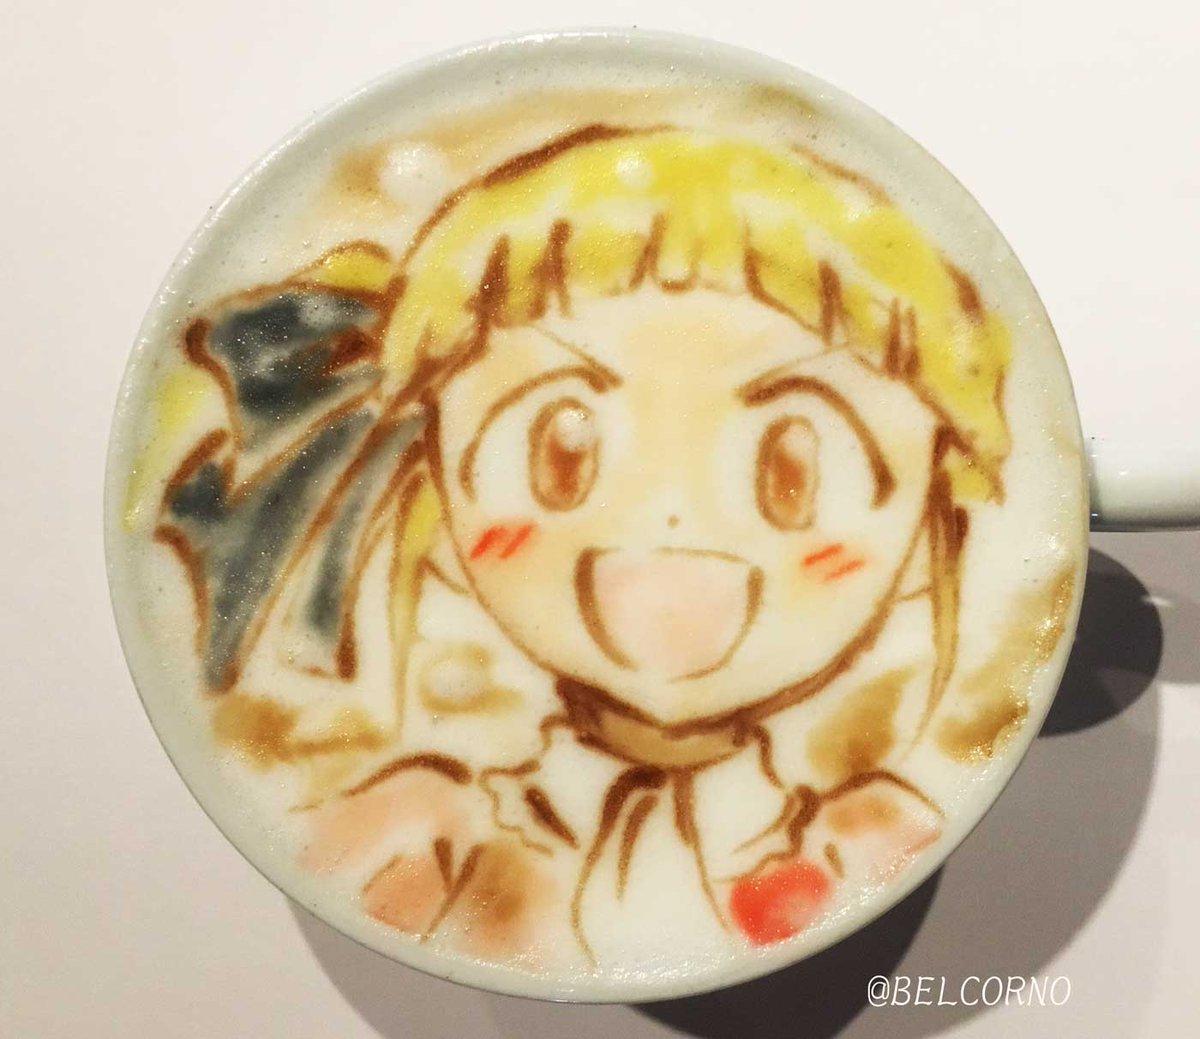 ラテアート【樫村紗名】@アリスと蔵六LatteArt【Sana Kashimura】#アリスと蔵六 #alizou